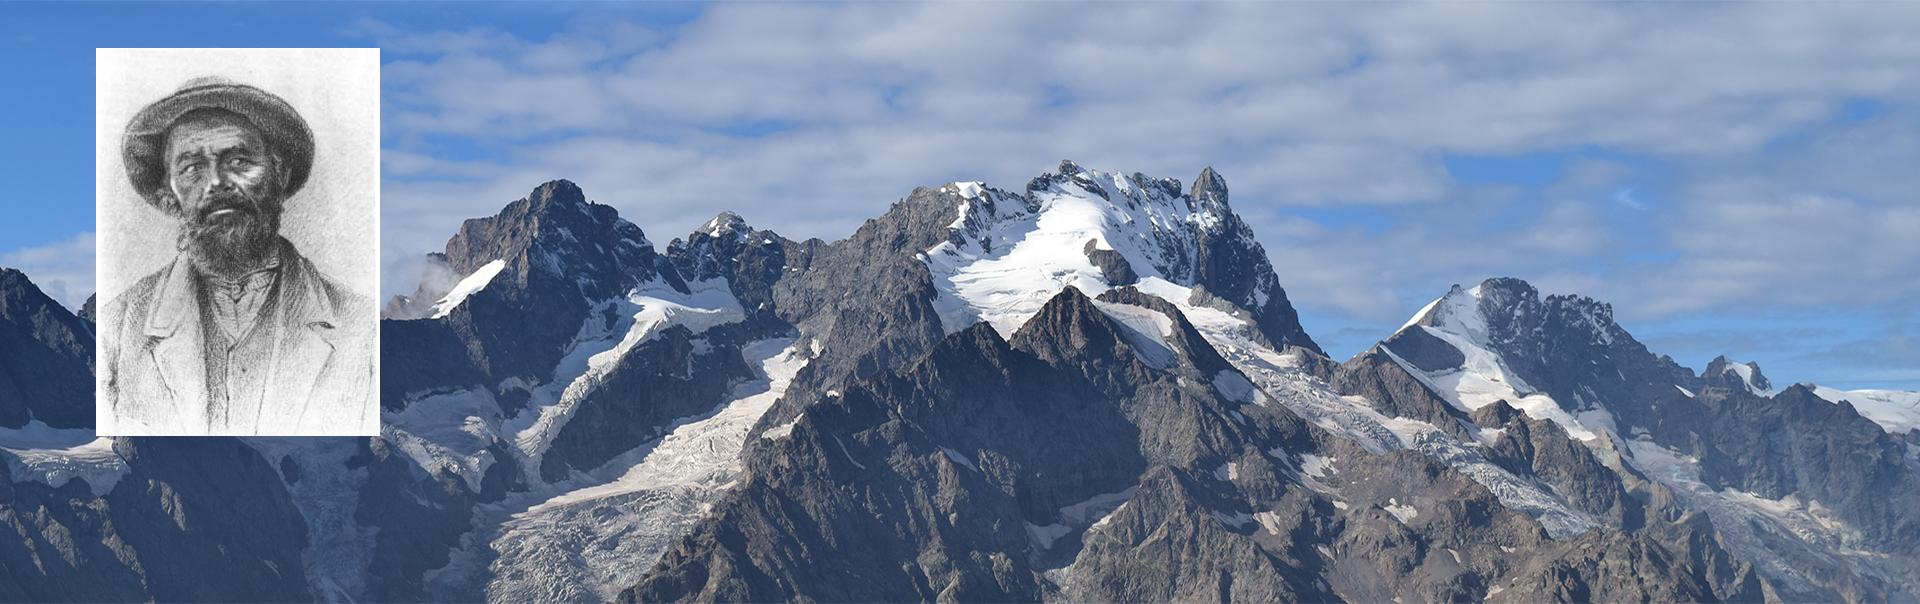 Un grand guide Alpin: Pierre Gaspard